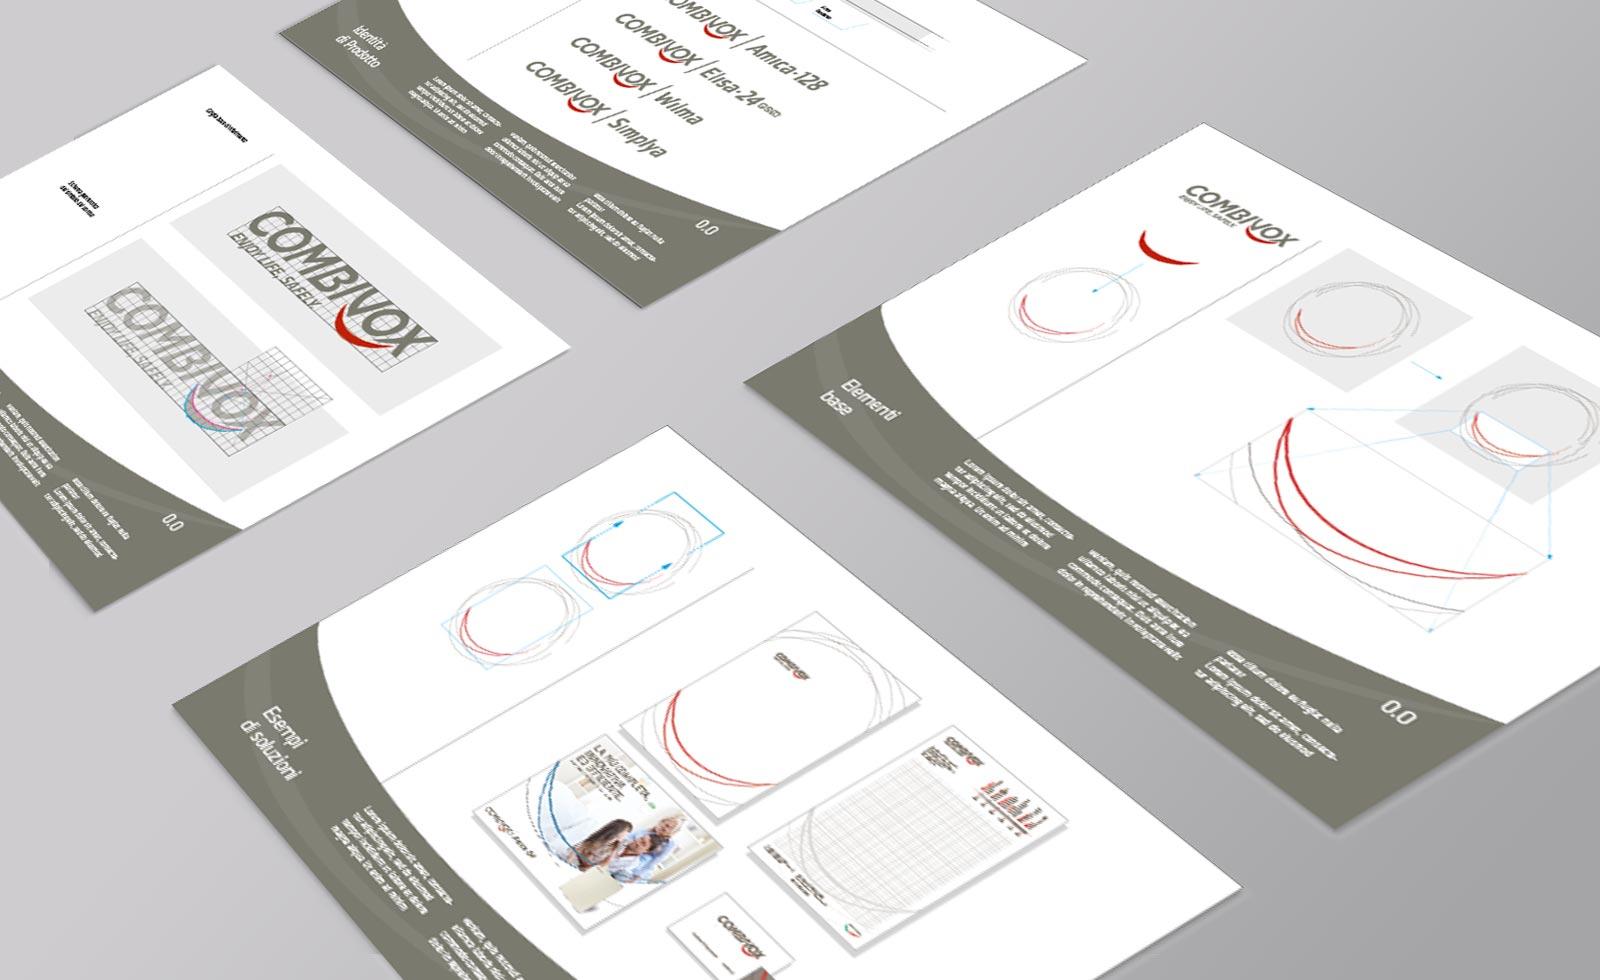 combivox brand brandbook guidelines